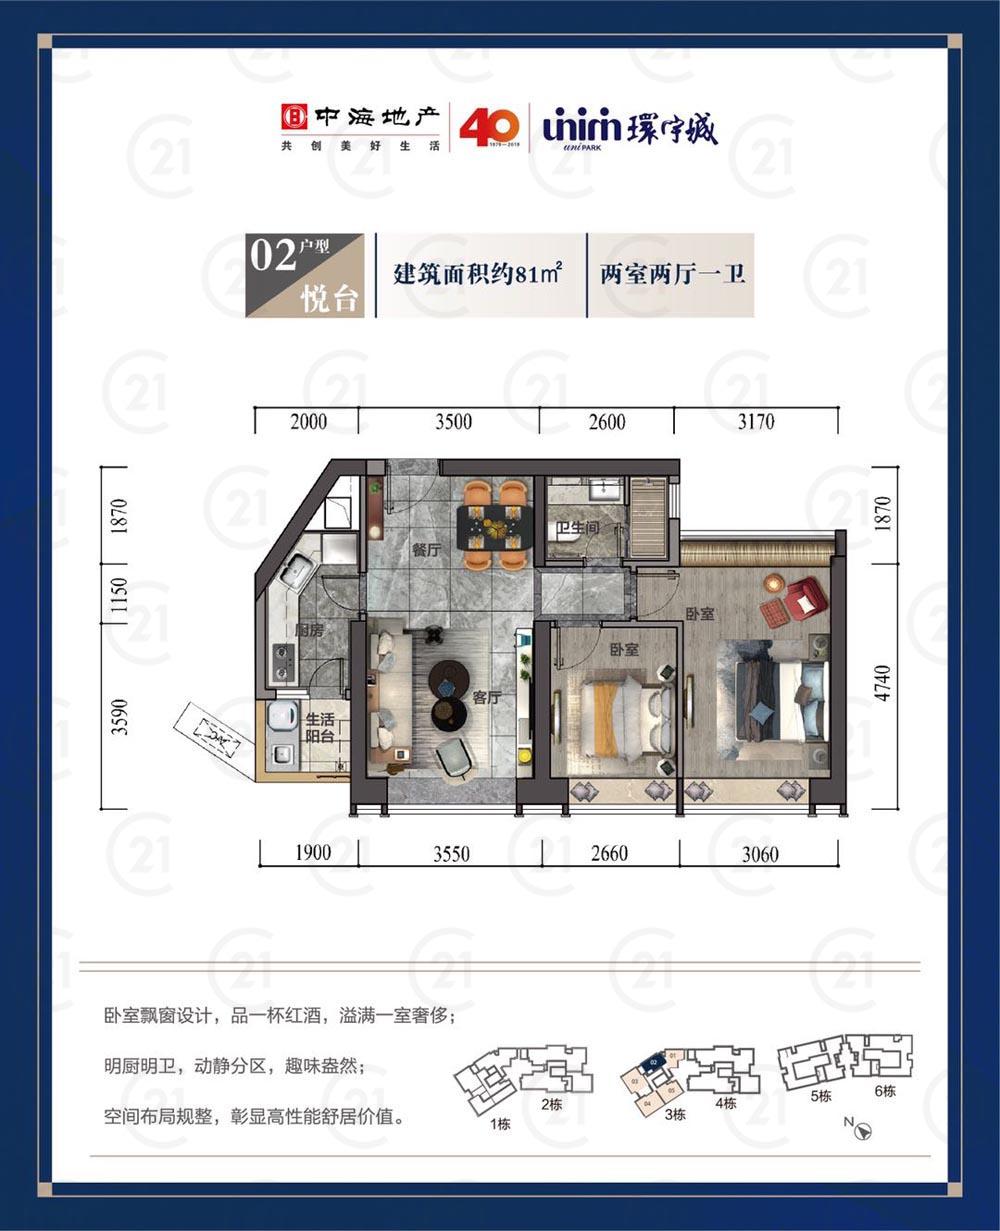 5中海环宇城-微信图片_20190603160552